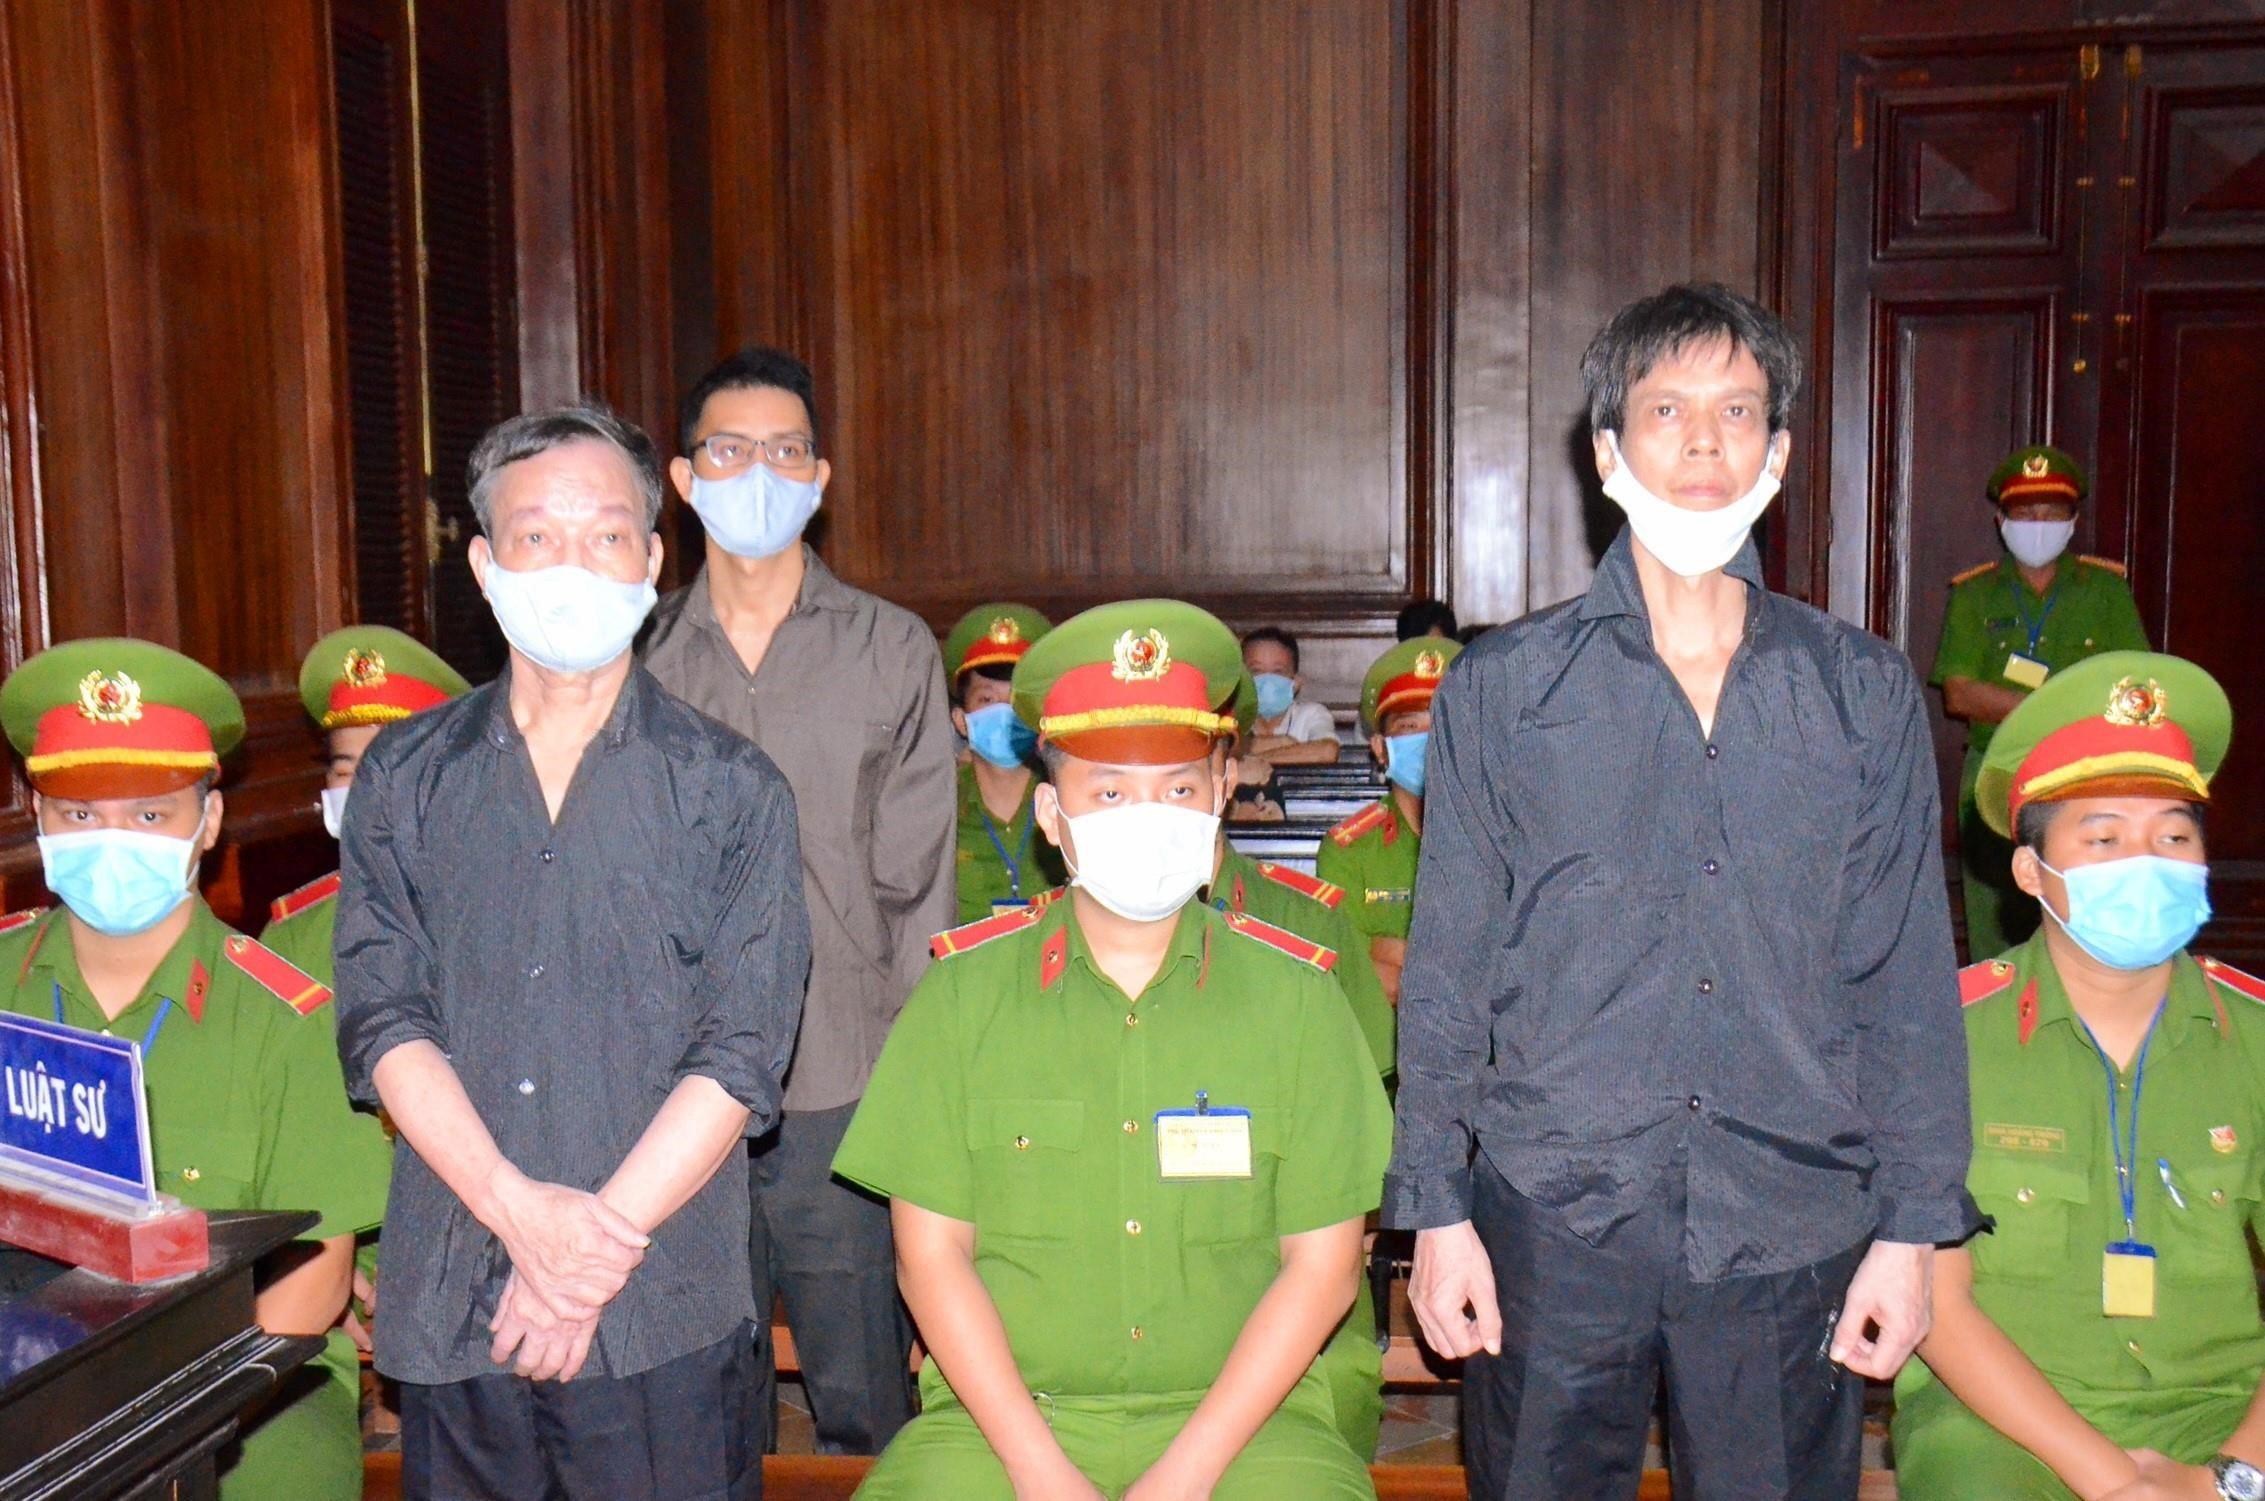 Βιετνάμ: Στη φυλακή δημοσιογράφοι για «προπαγάνδα» κατά του κράτους (pics)